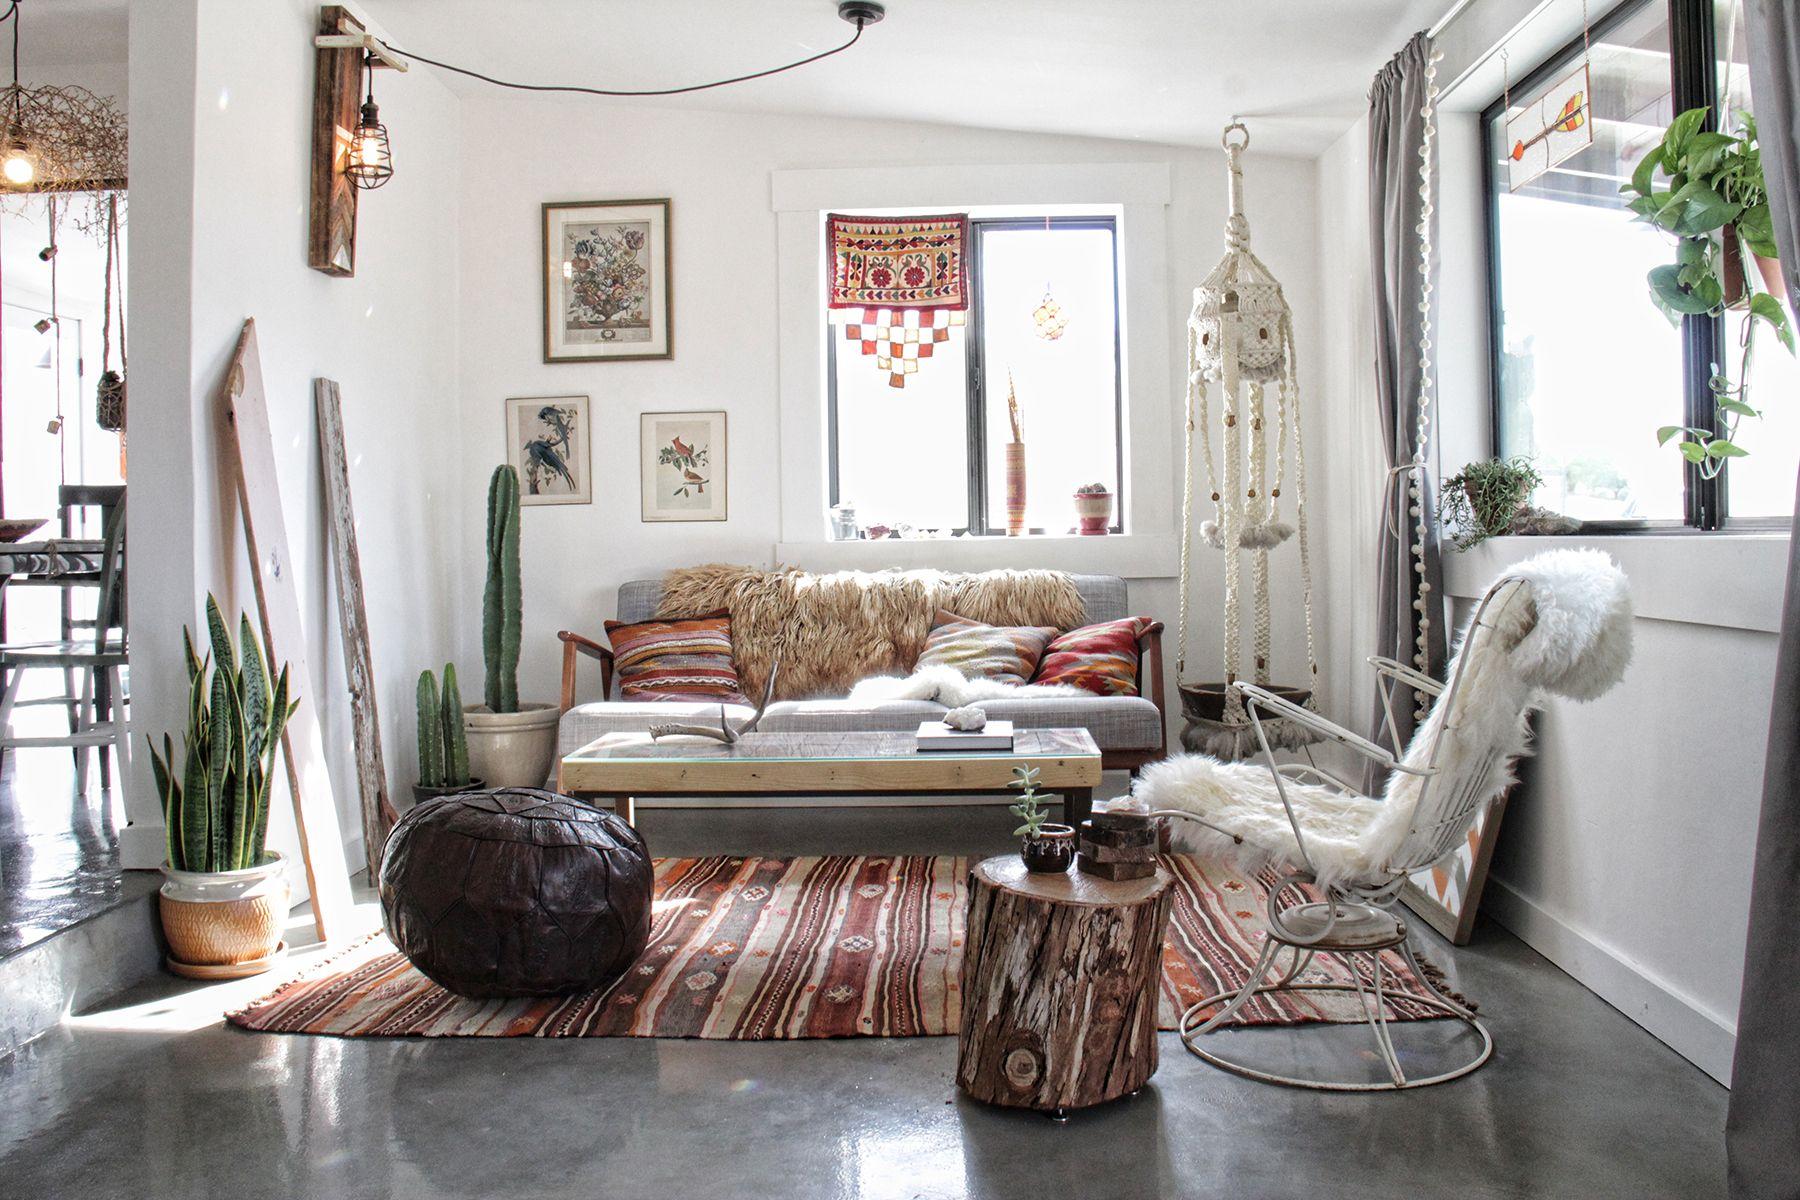 bildergebnis f r wohnzimmer boho arch interio pinterest. Black Bedroom Furniture Sets. Home Design Ideas